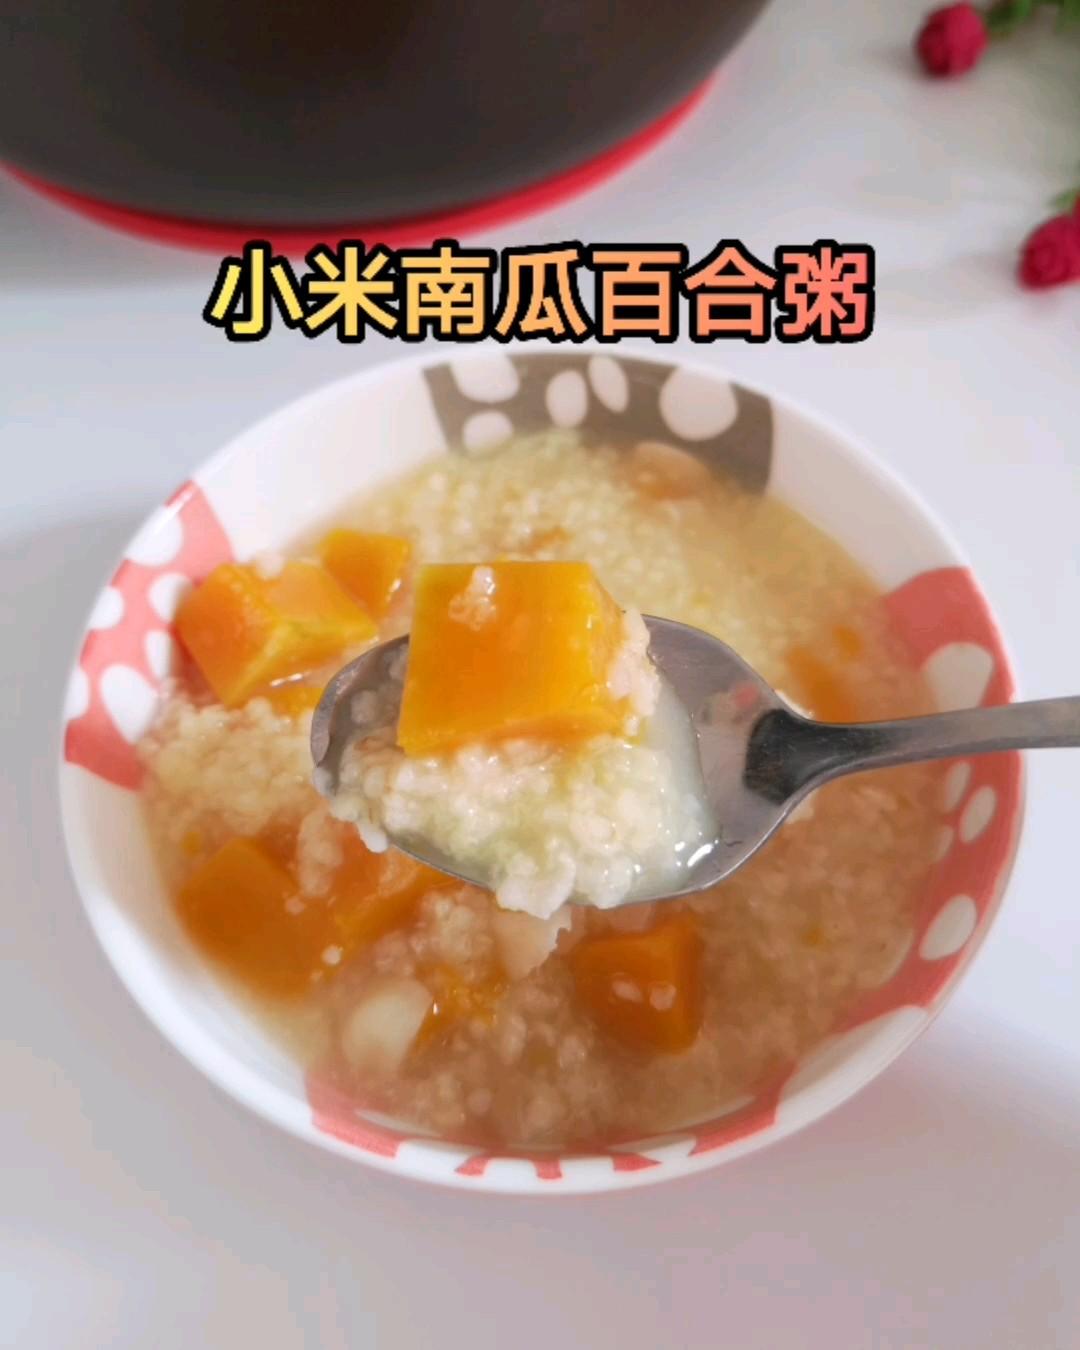 小米南瓜百合粥